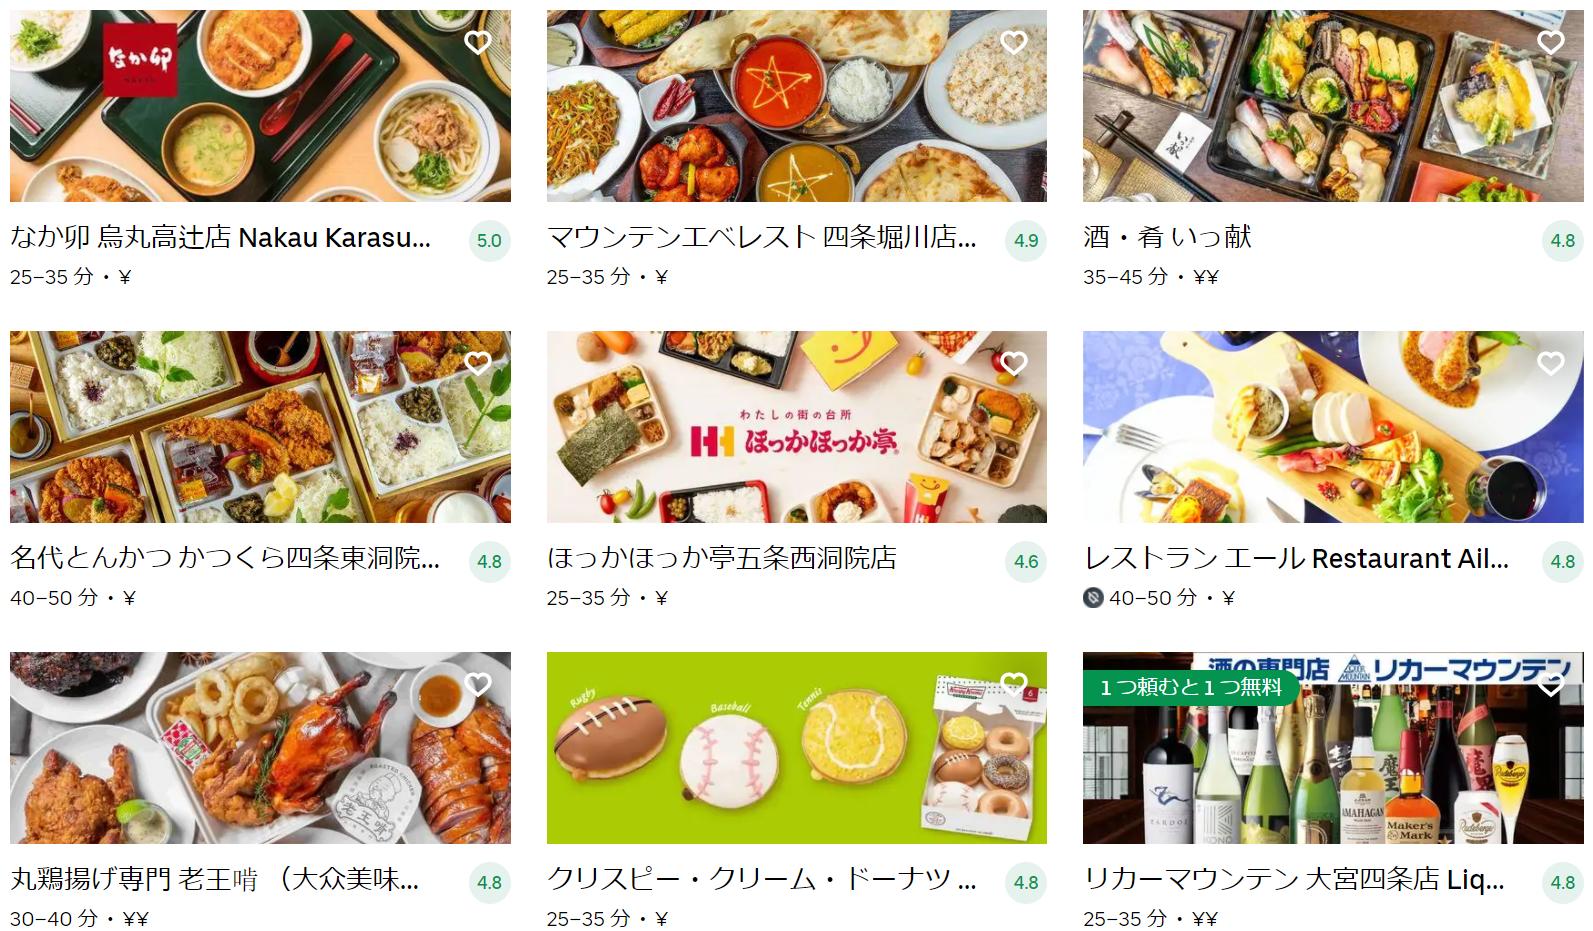 京都市下京区エリアのおすすめUber Eats(ウーバーイーツ)メニュー